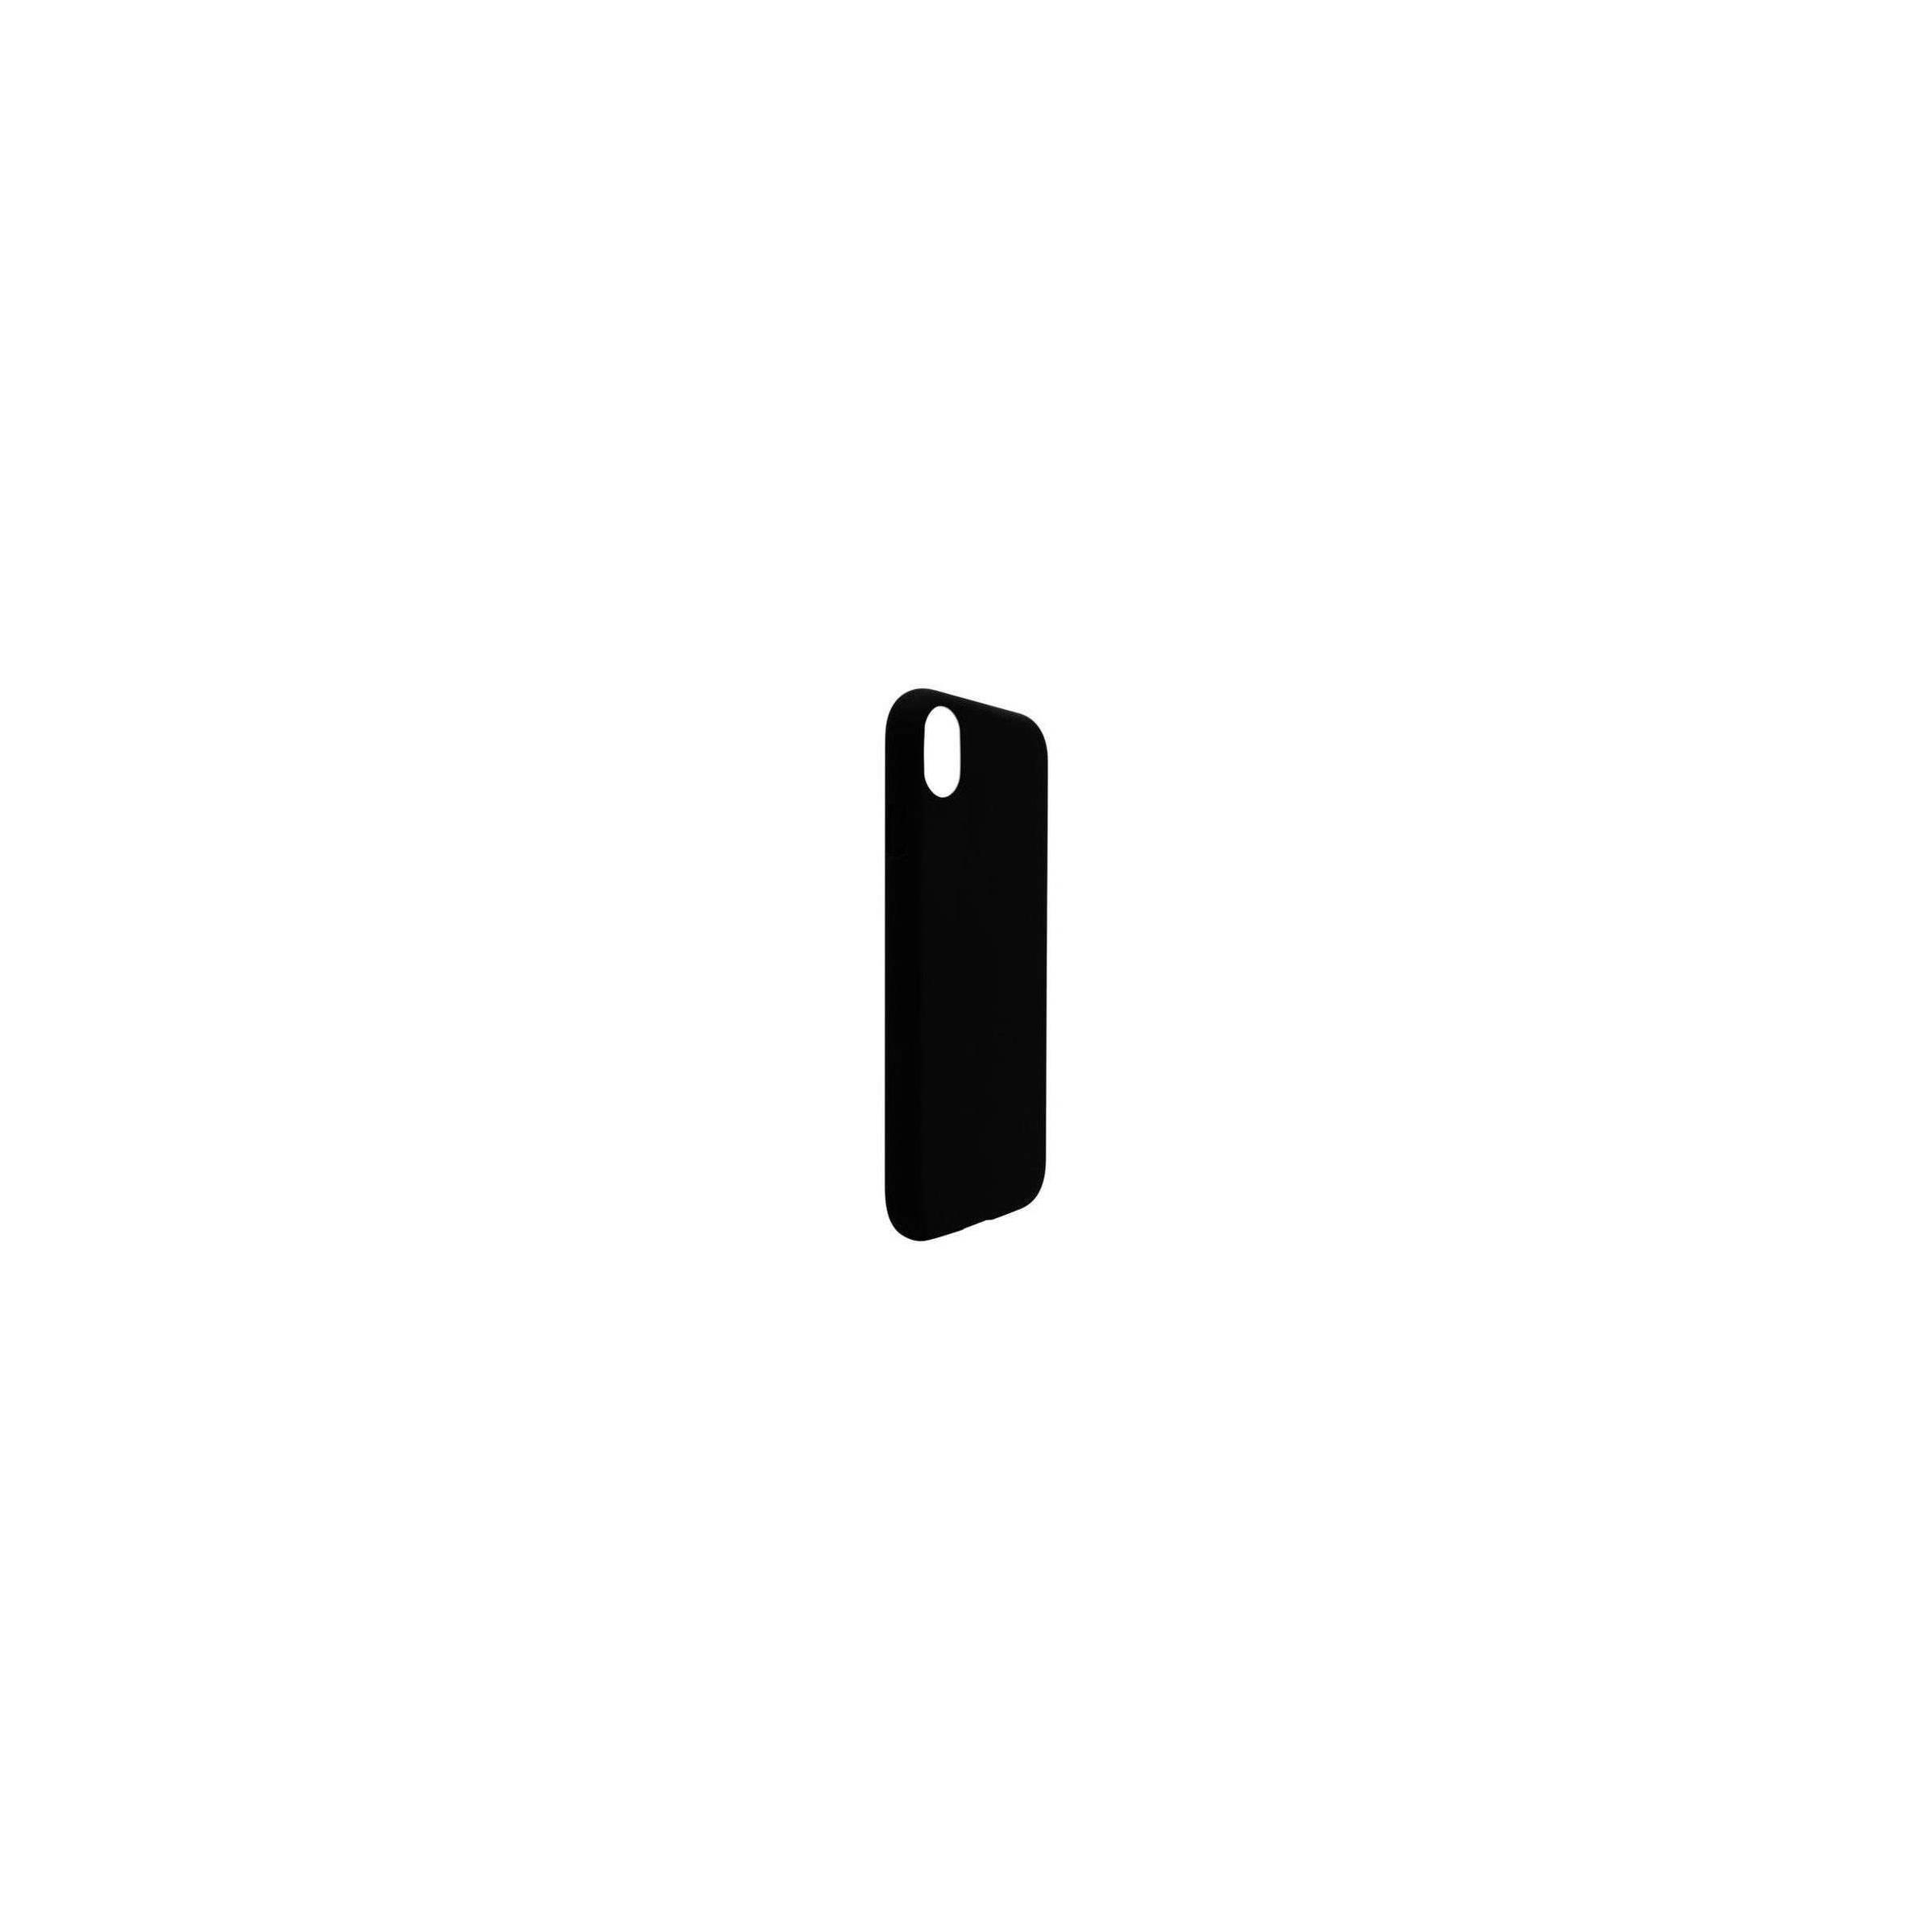 Bilde av Aiino Strongly Premium Cover Til Iphone X / Xs, Farve Sort